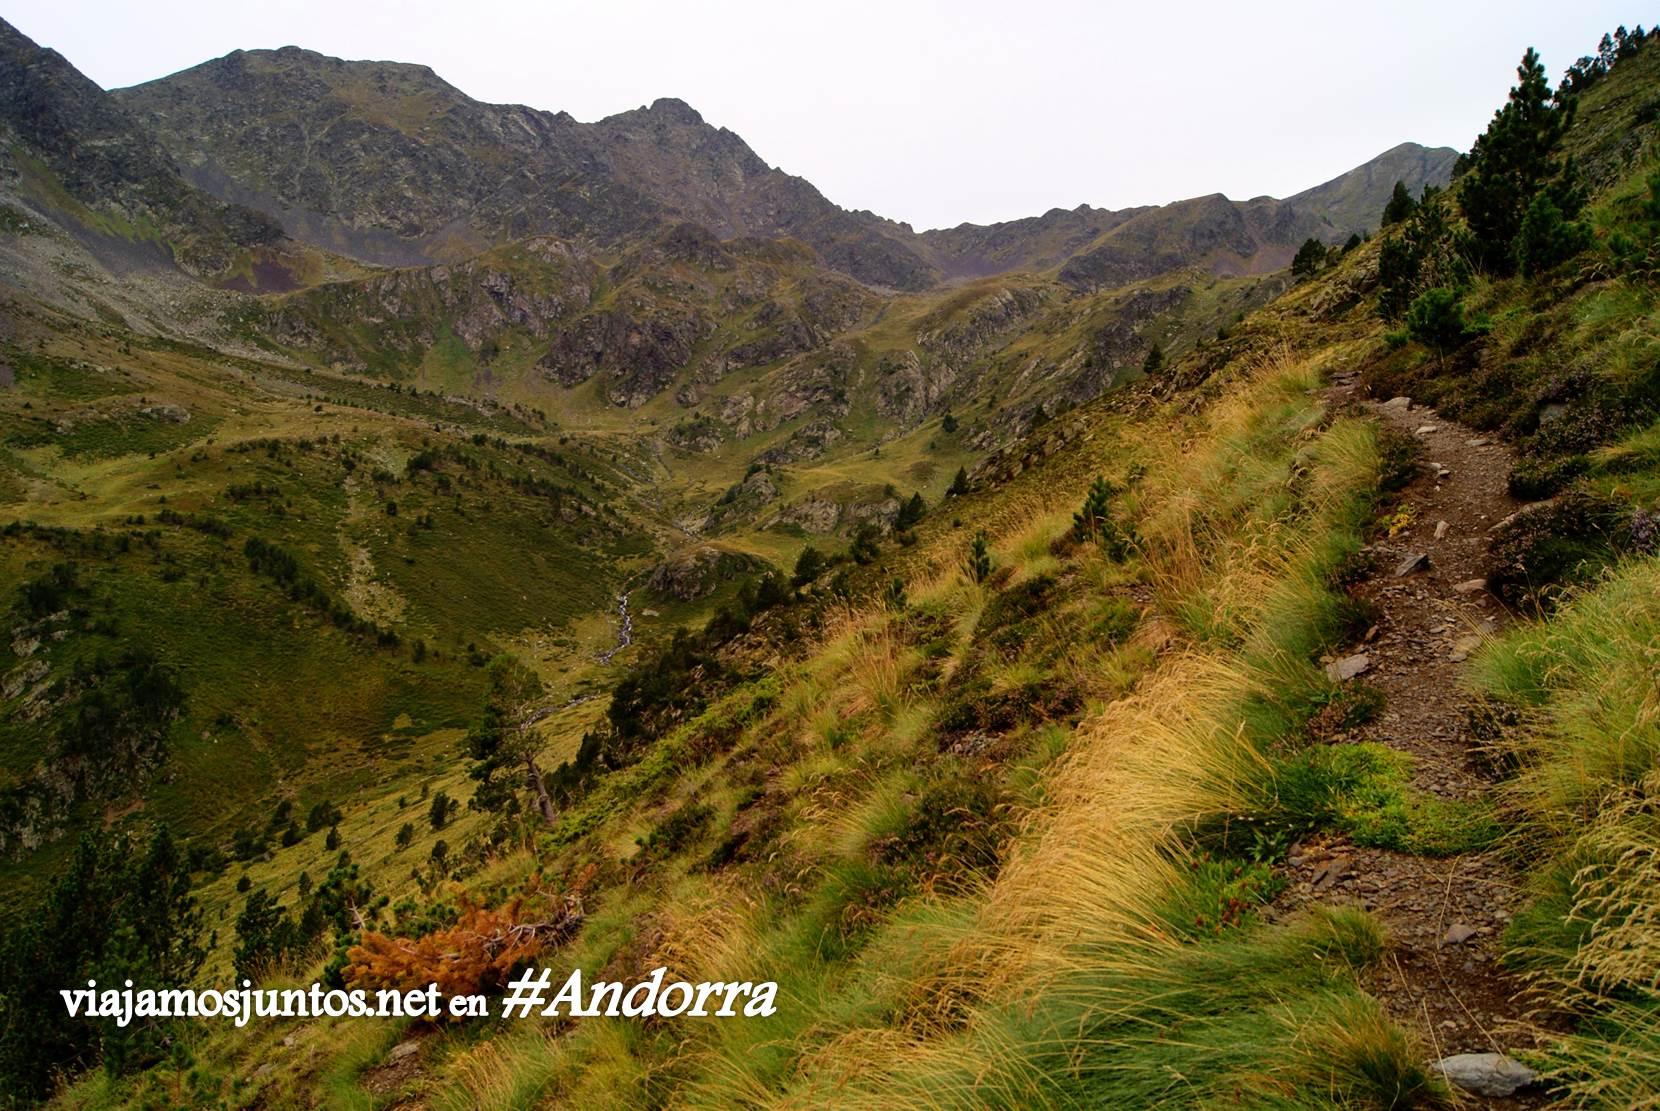 Pendientes empinados de GRP de Andorra